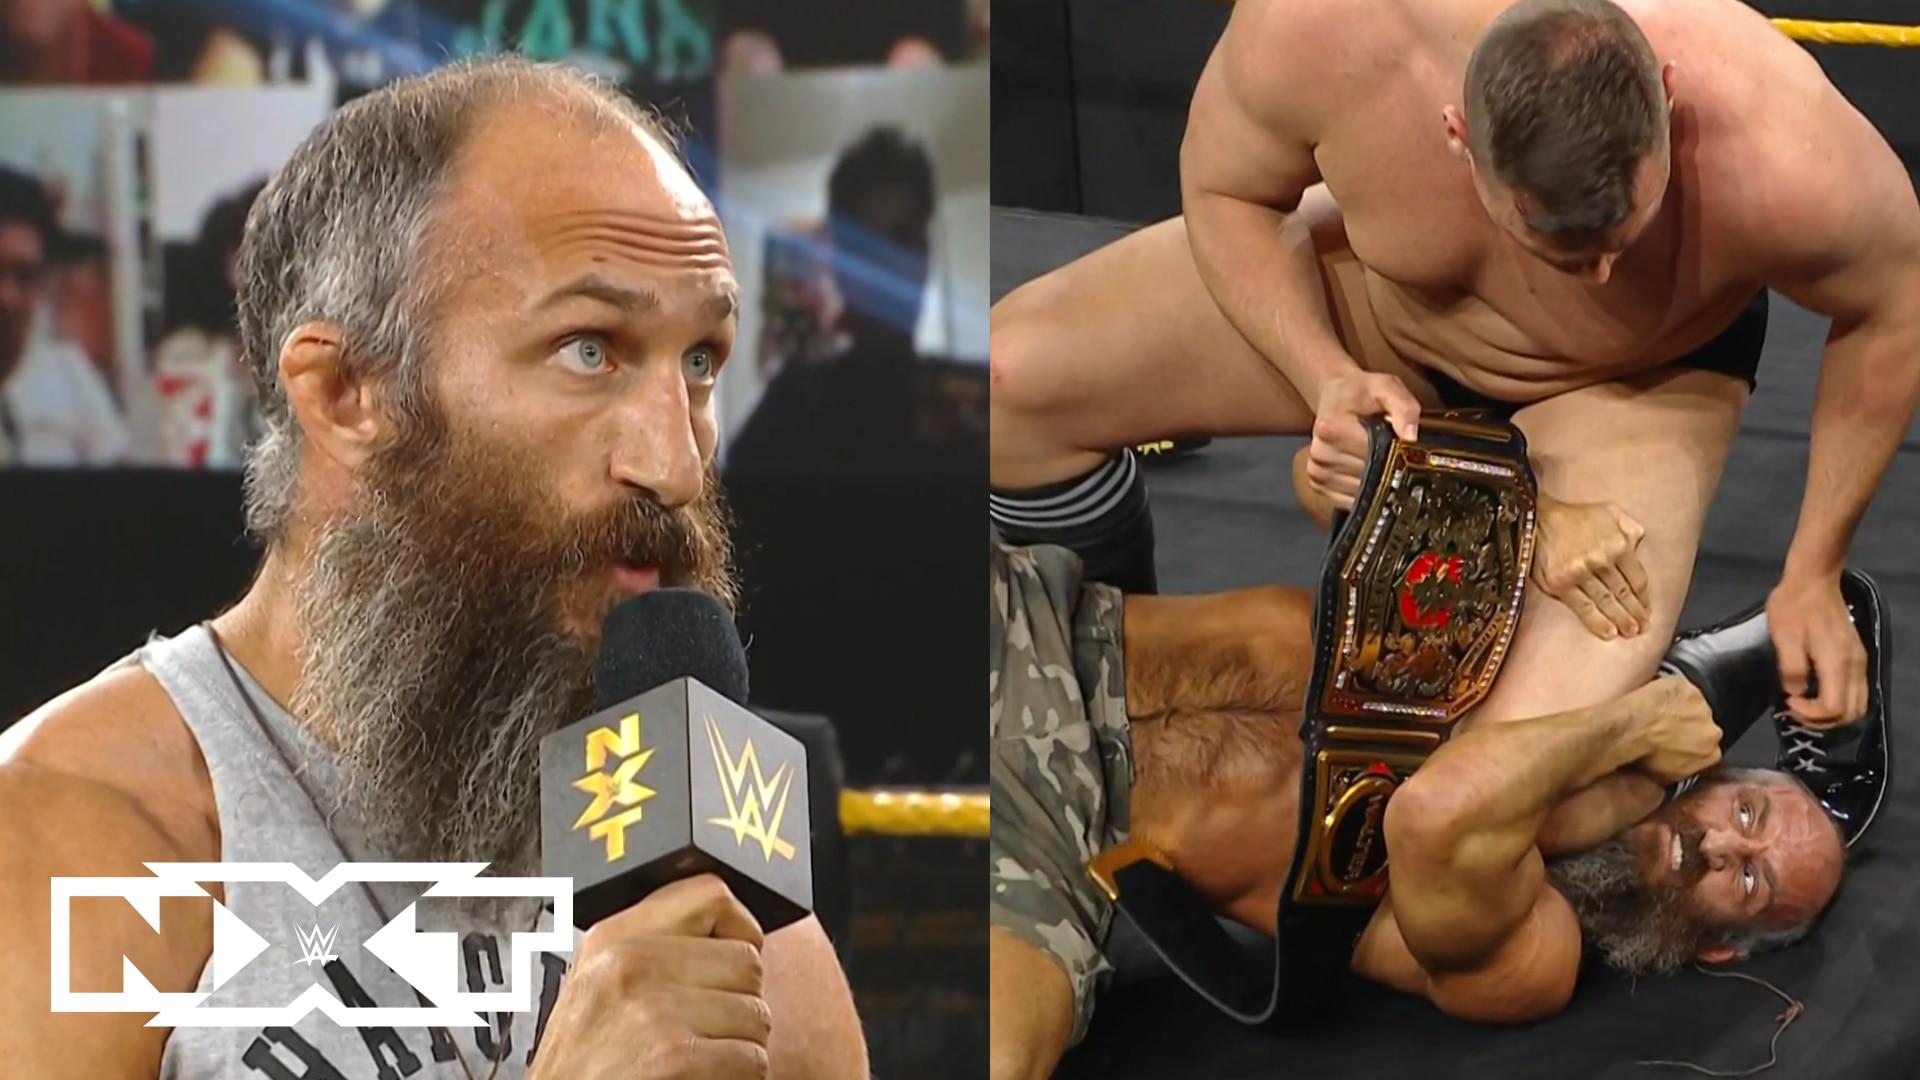 Websites mixed wrestling Skylar Rene